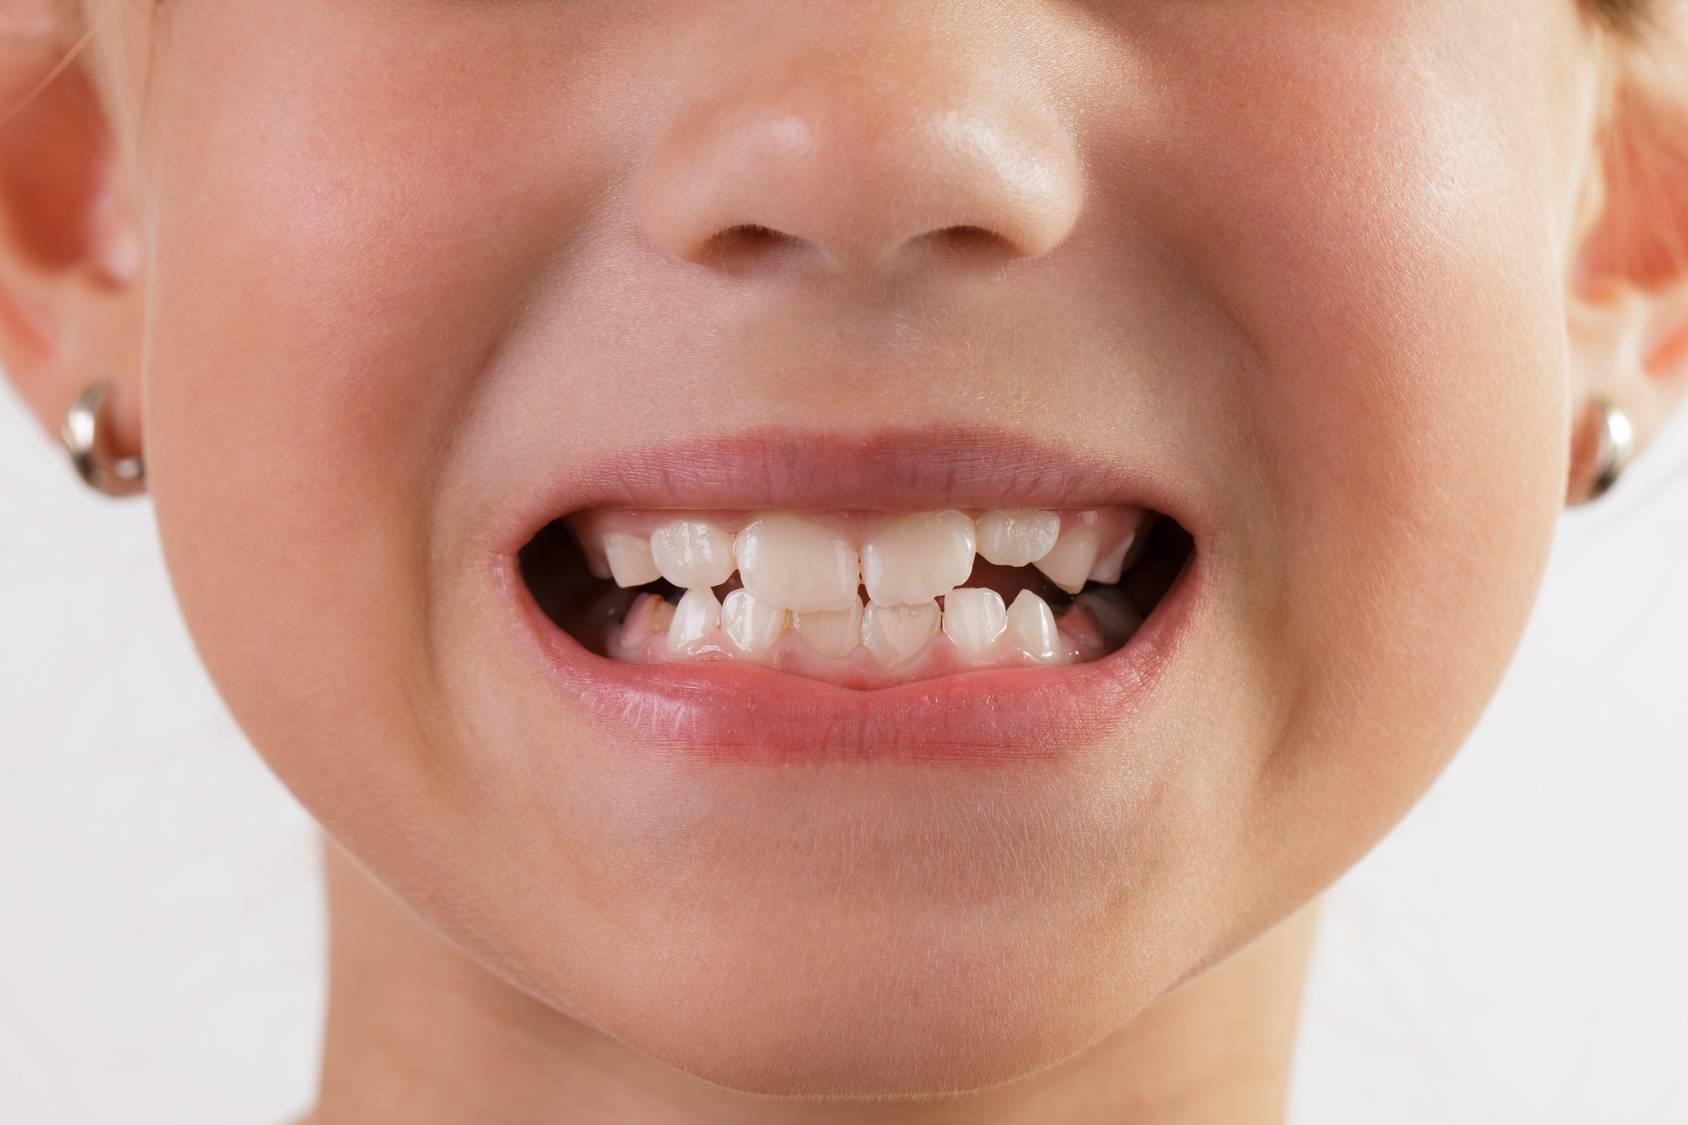 У ребенка выпал молочный зуб (а новый не растет): что делать